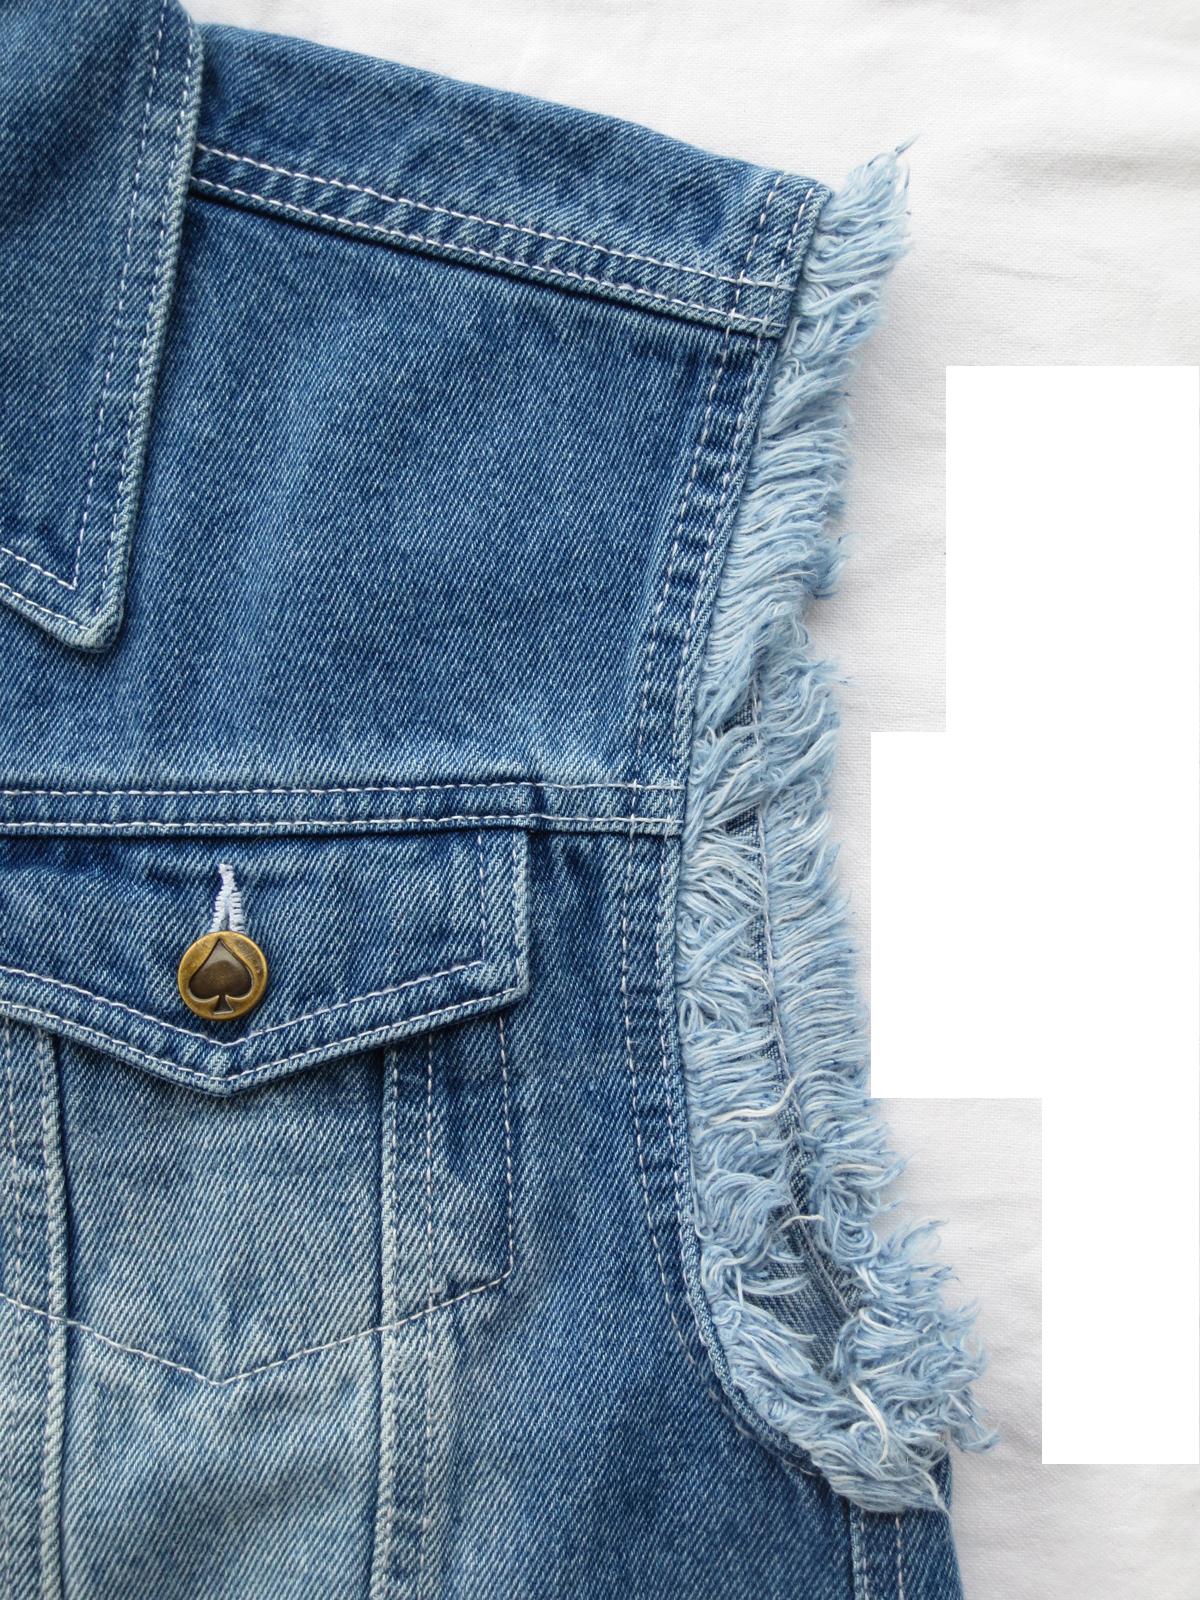 jeans weste stonewashed blue mit ausgefransten armen von capricorn rockwear. Black Bedroom Furniture Sets. Home Design Ideas